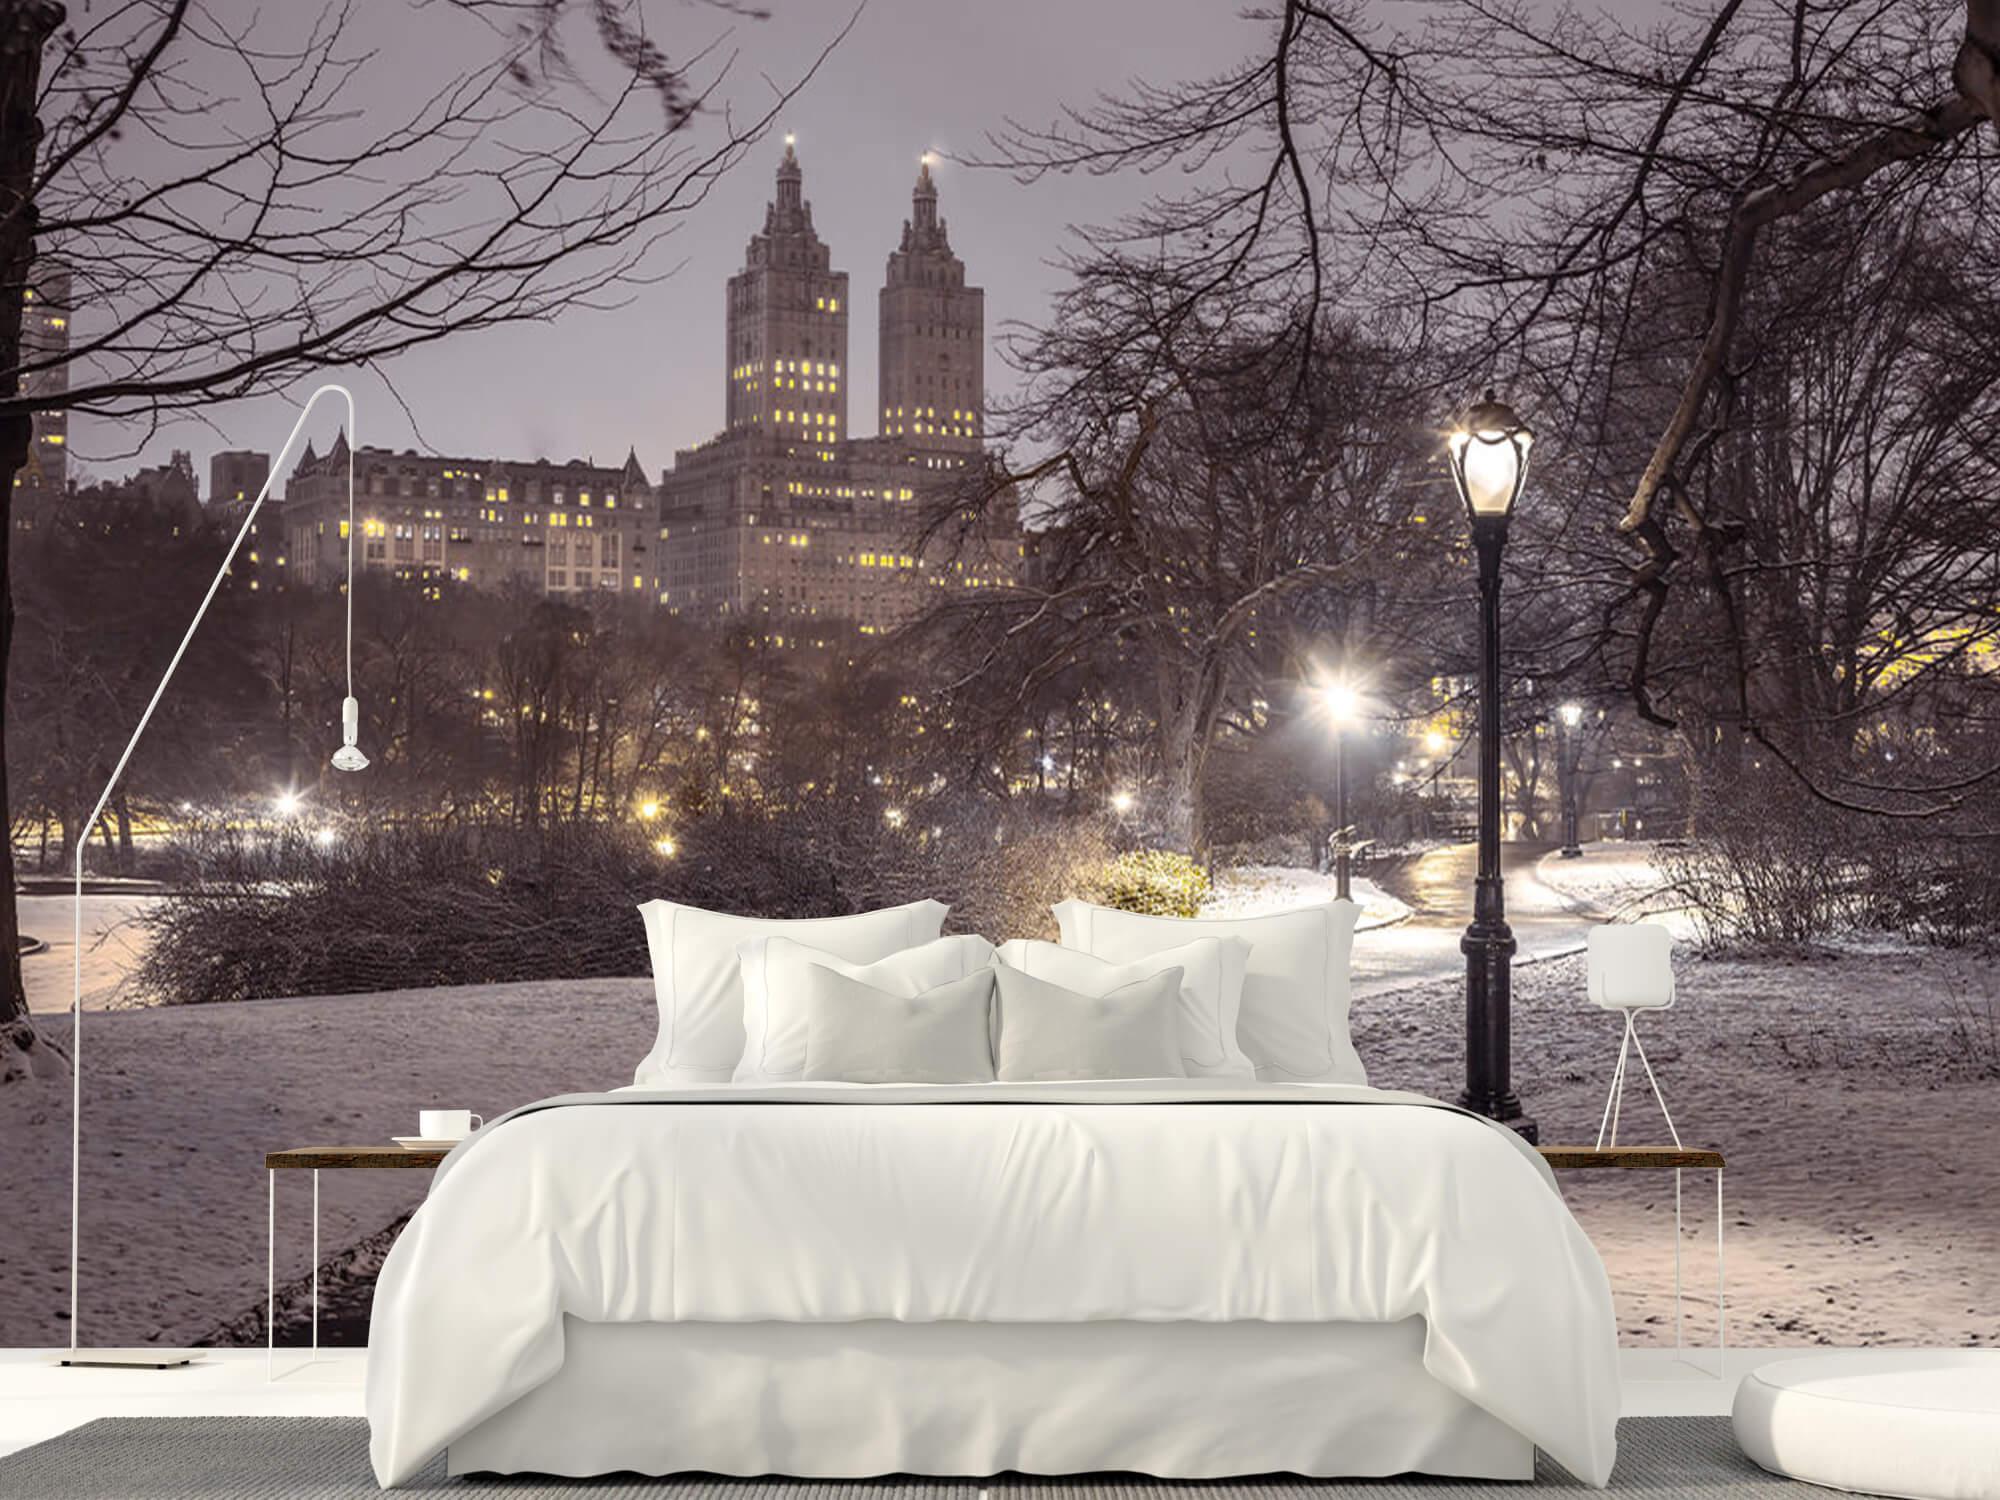 Snowy Central Park 11